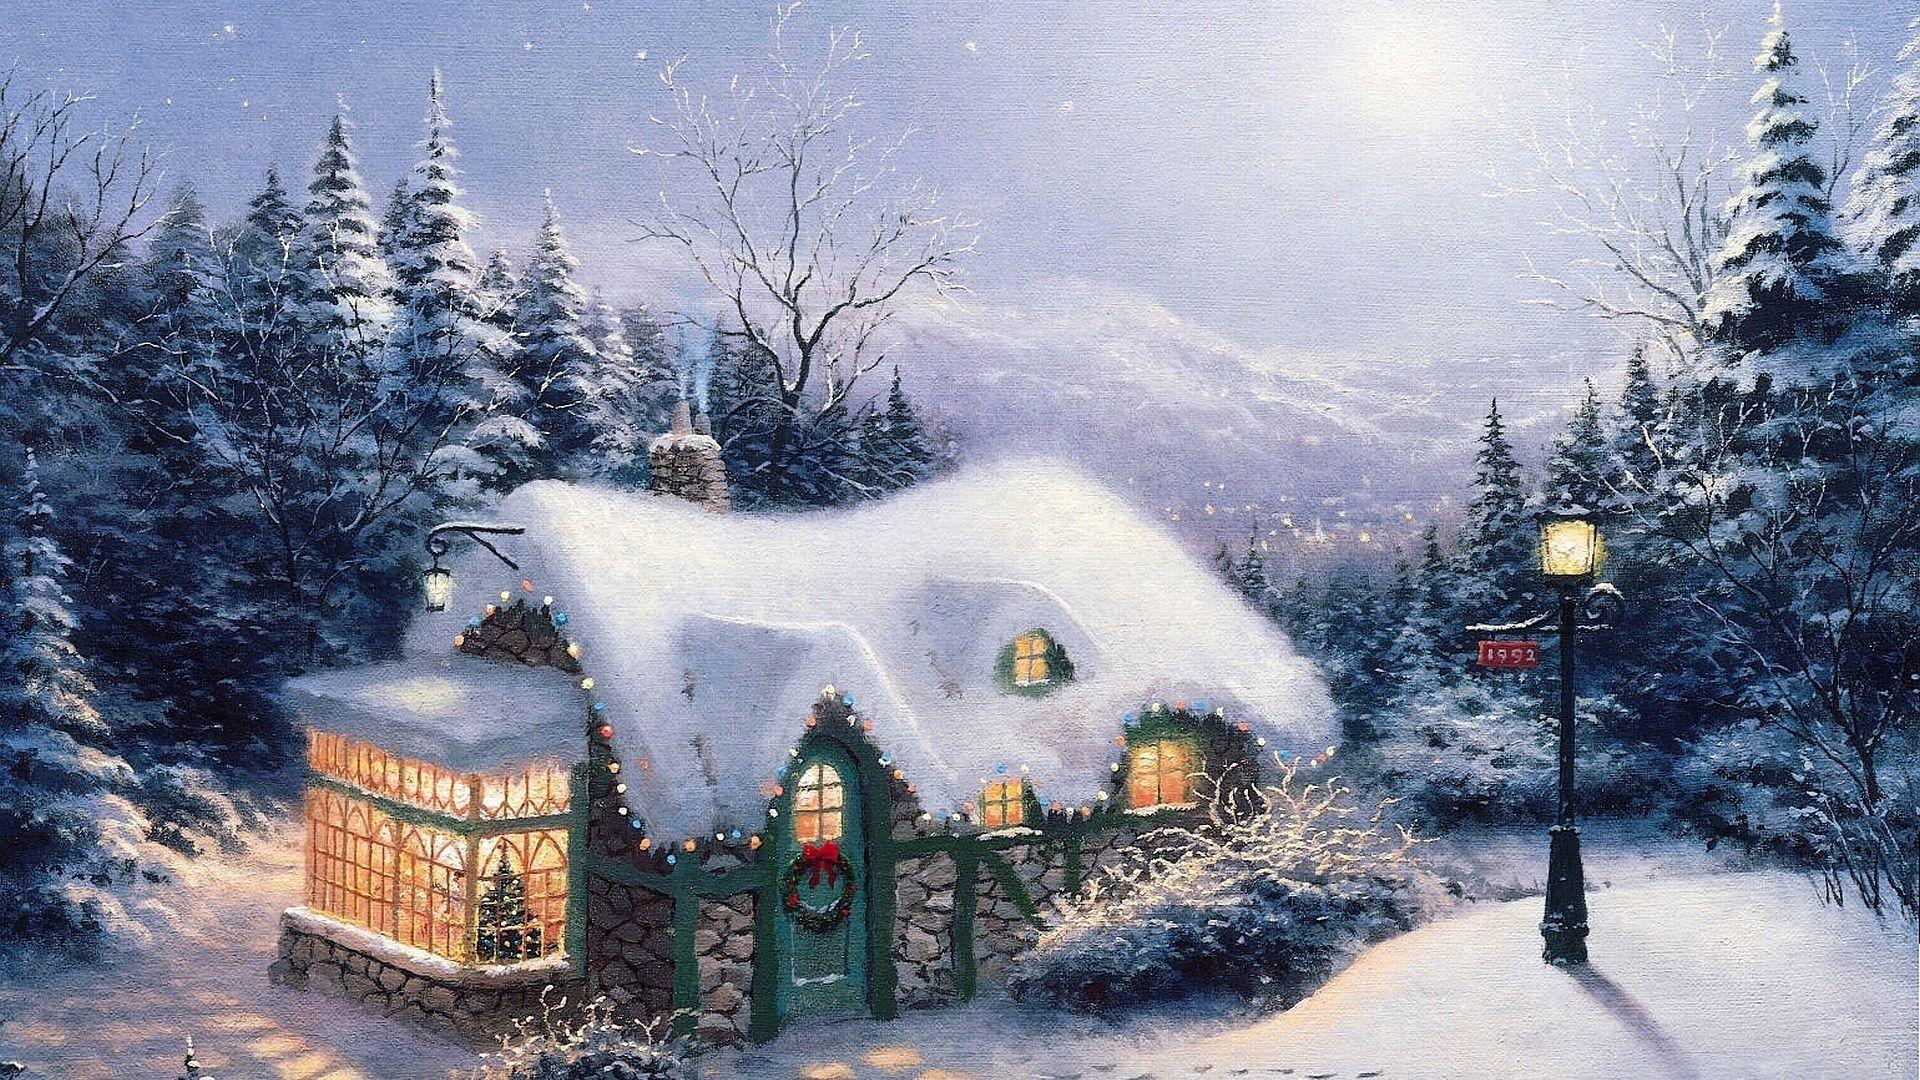 schnee haus weihnachten neujahr thomas kinkade. Black Bedroom Furniture Sets. Home Design Ideas